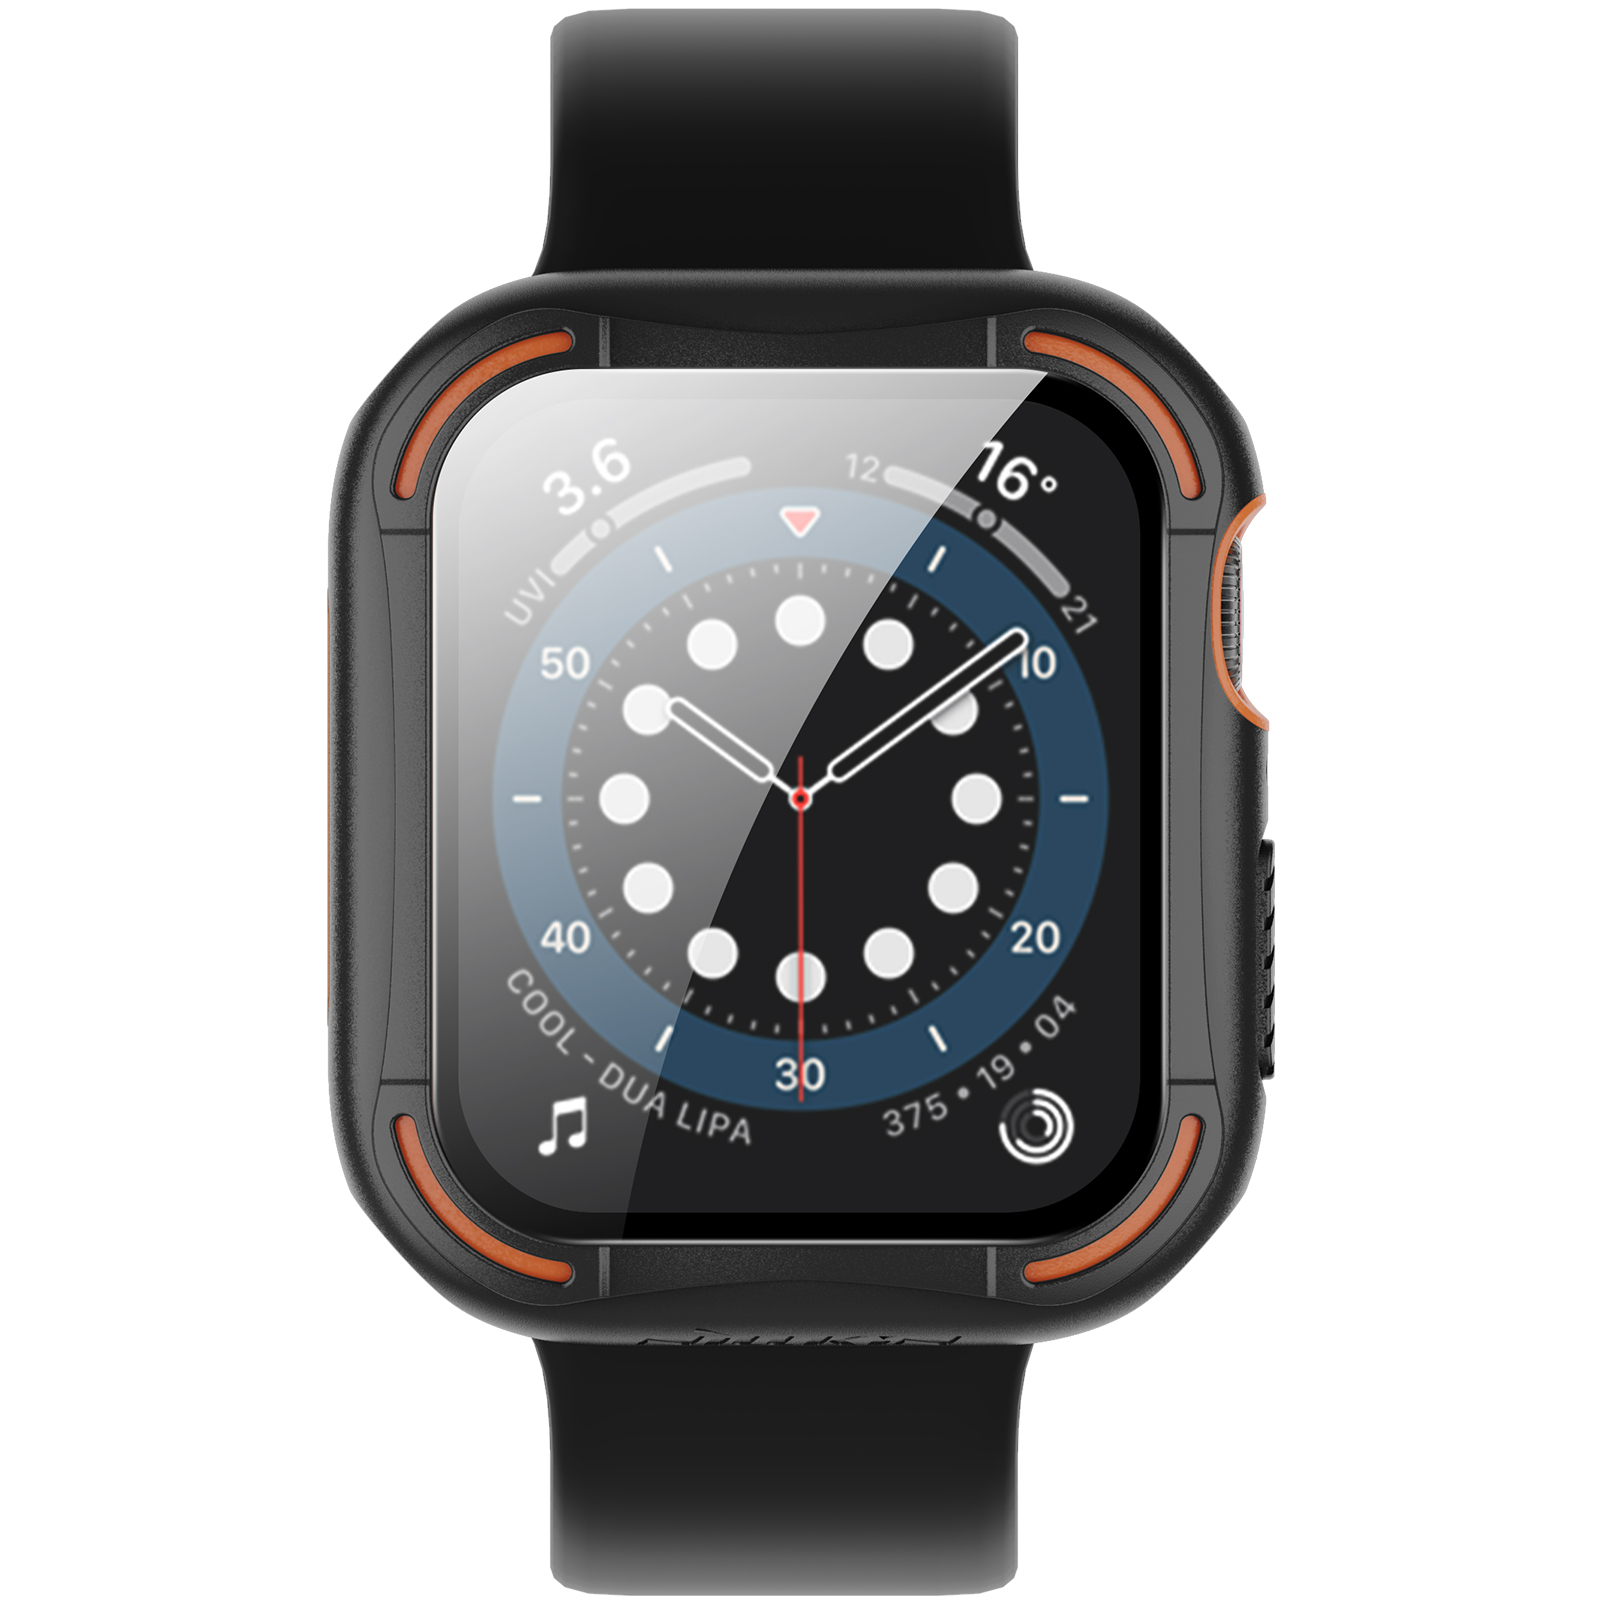 Ốp Case Chống Shock Nillkin Crash Bumper cho Apple Watch Series 4/5/6/SE (Size 40/44mm) - Hàng Nhập Khẩu